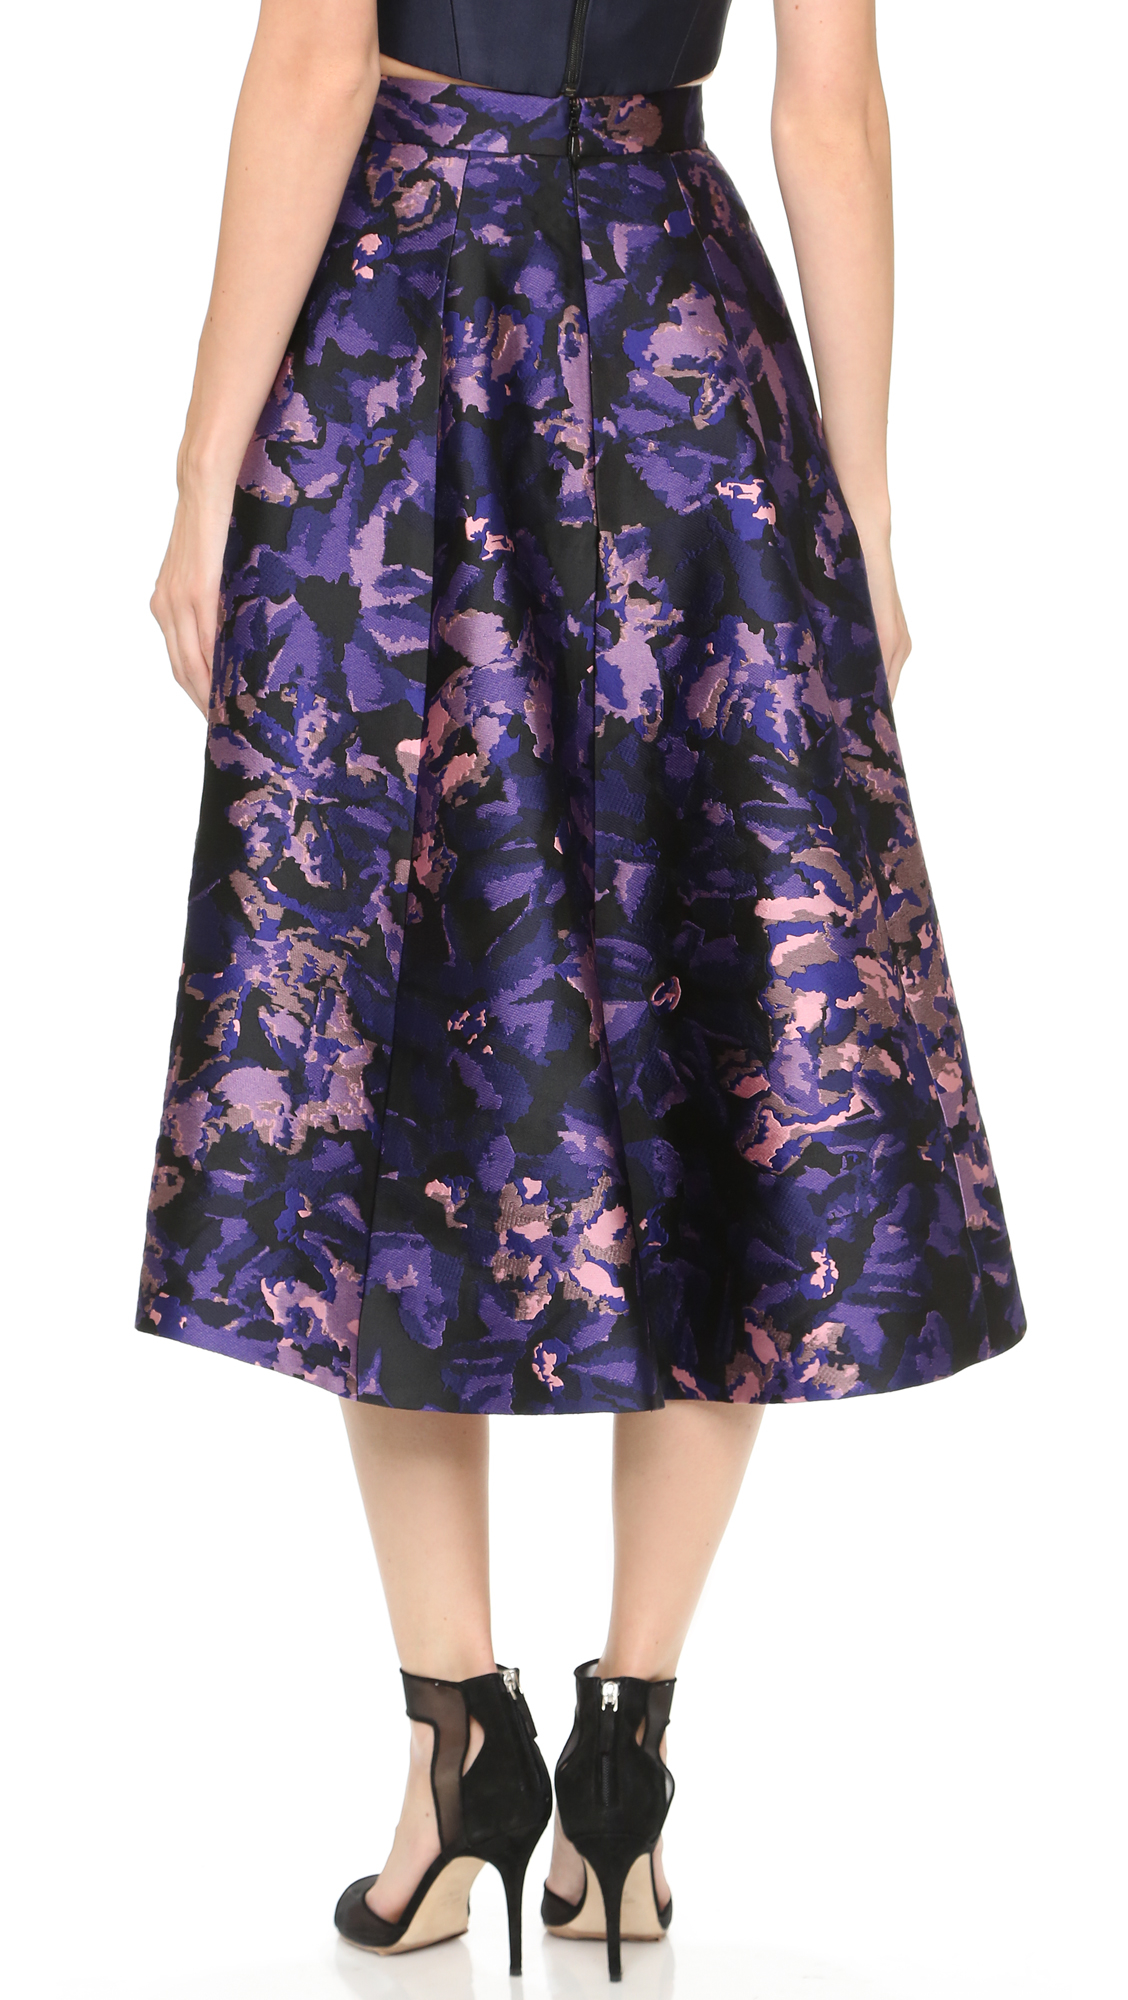 Monique lhuillier Tea Length A Line Skirt - Plum Multi in Purple ...